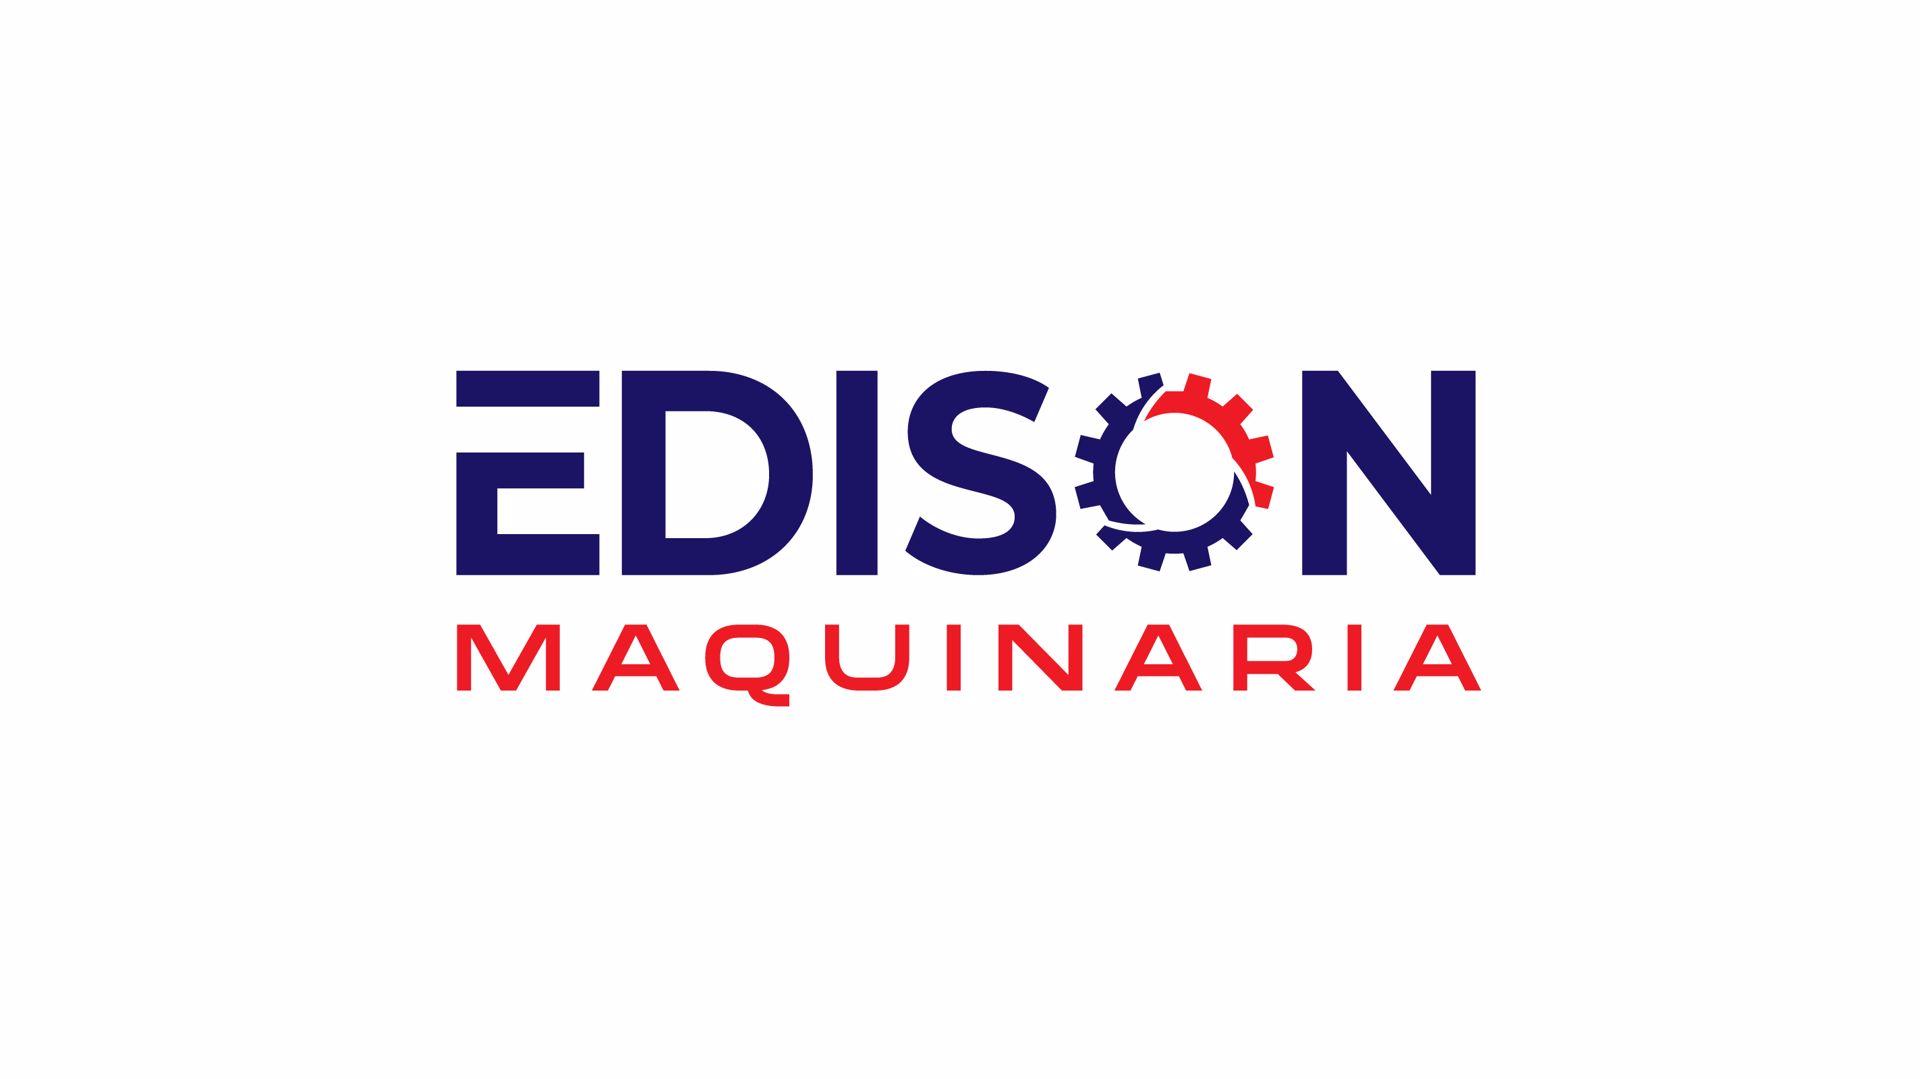 Edison Maquinaria